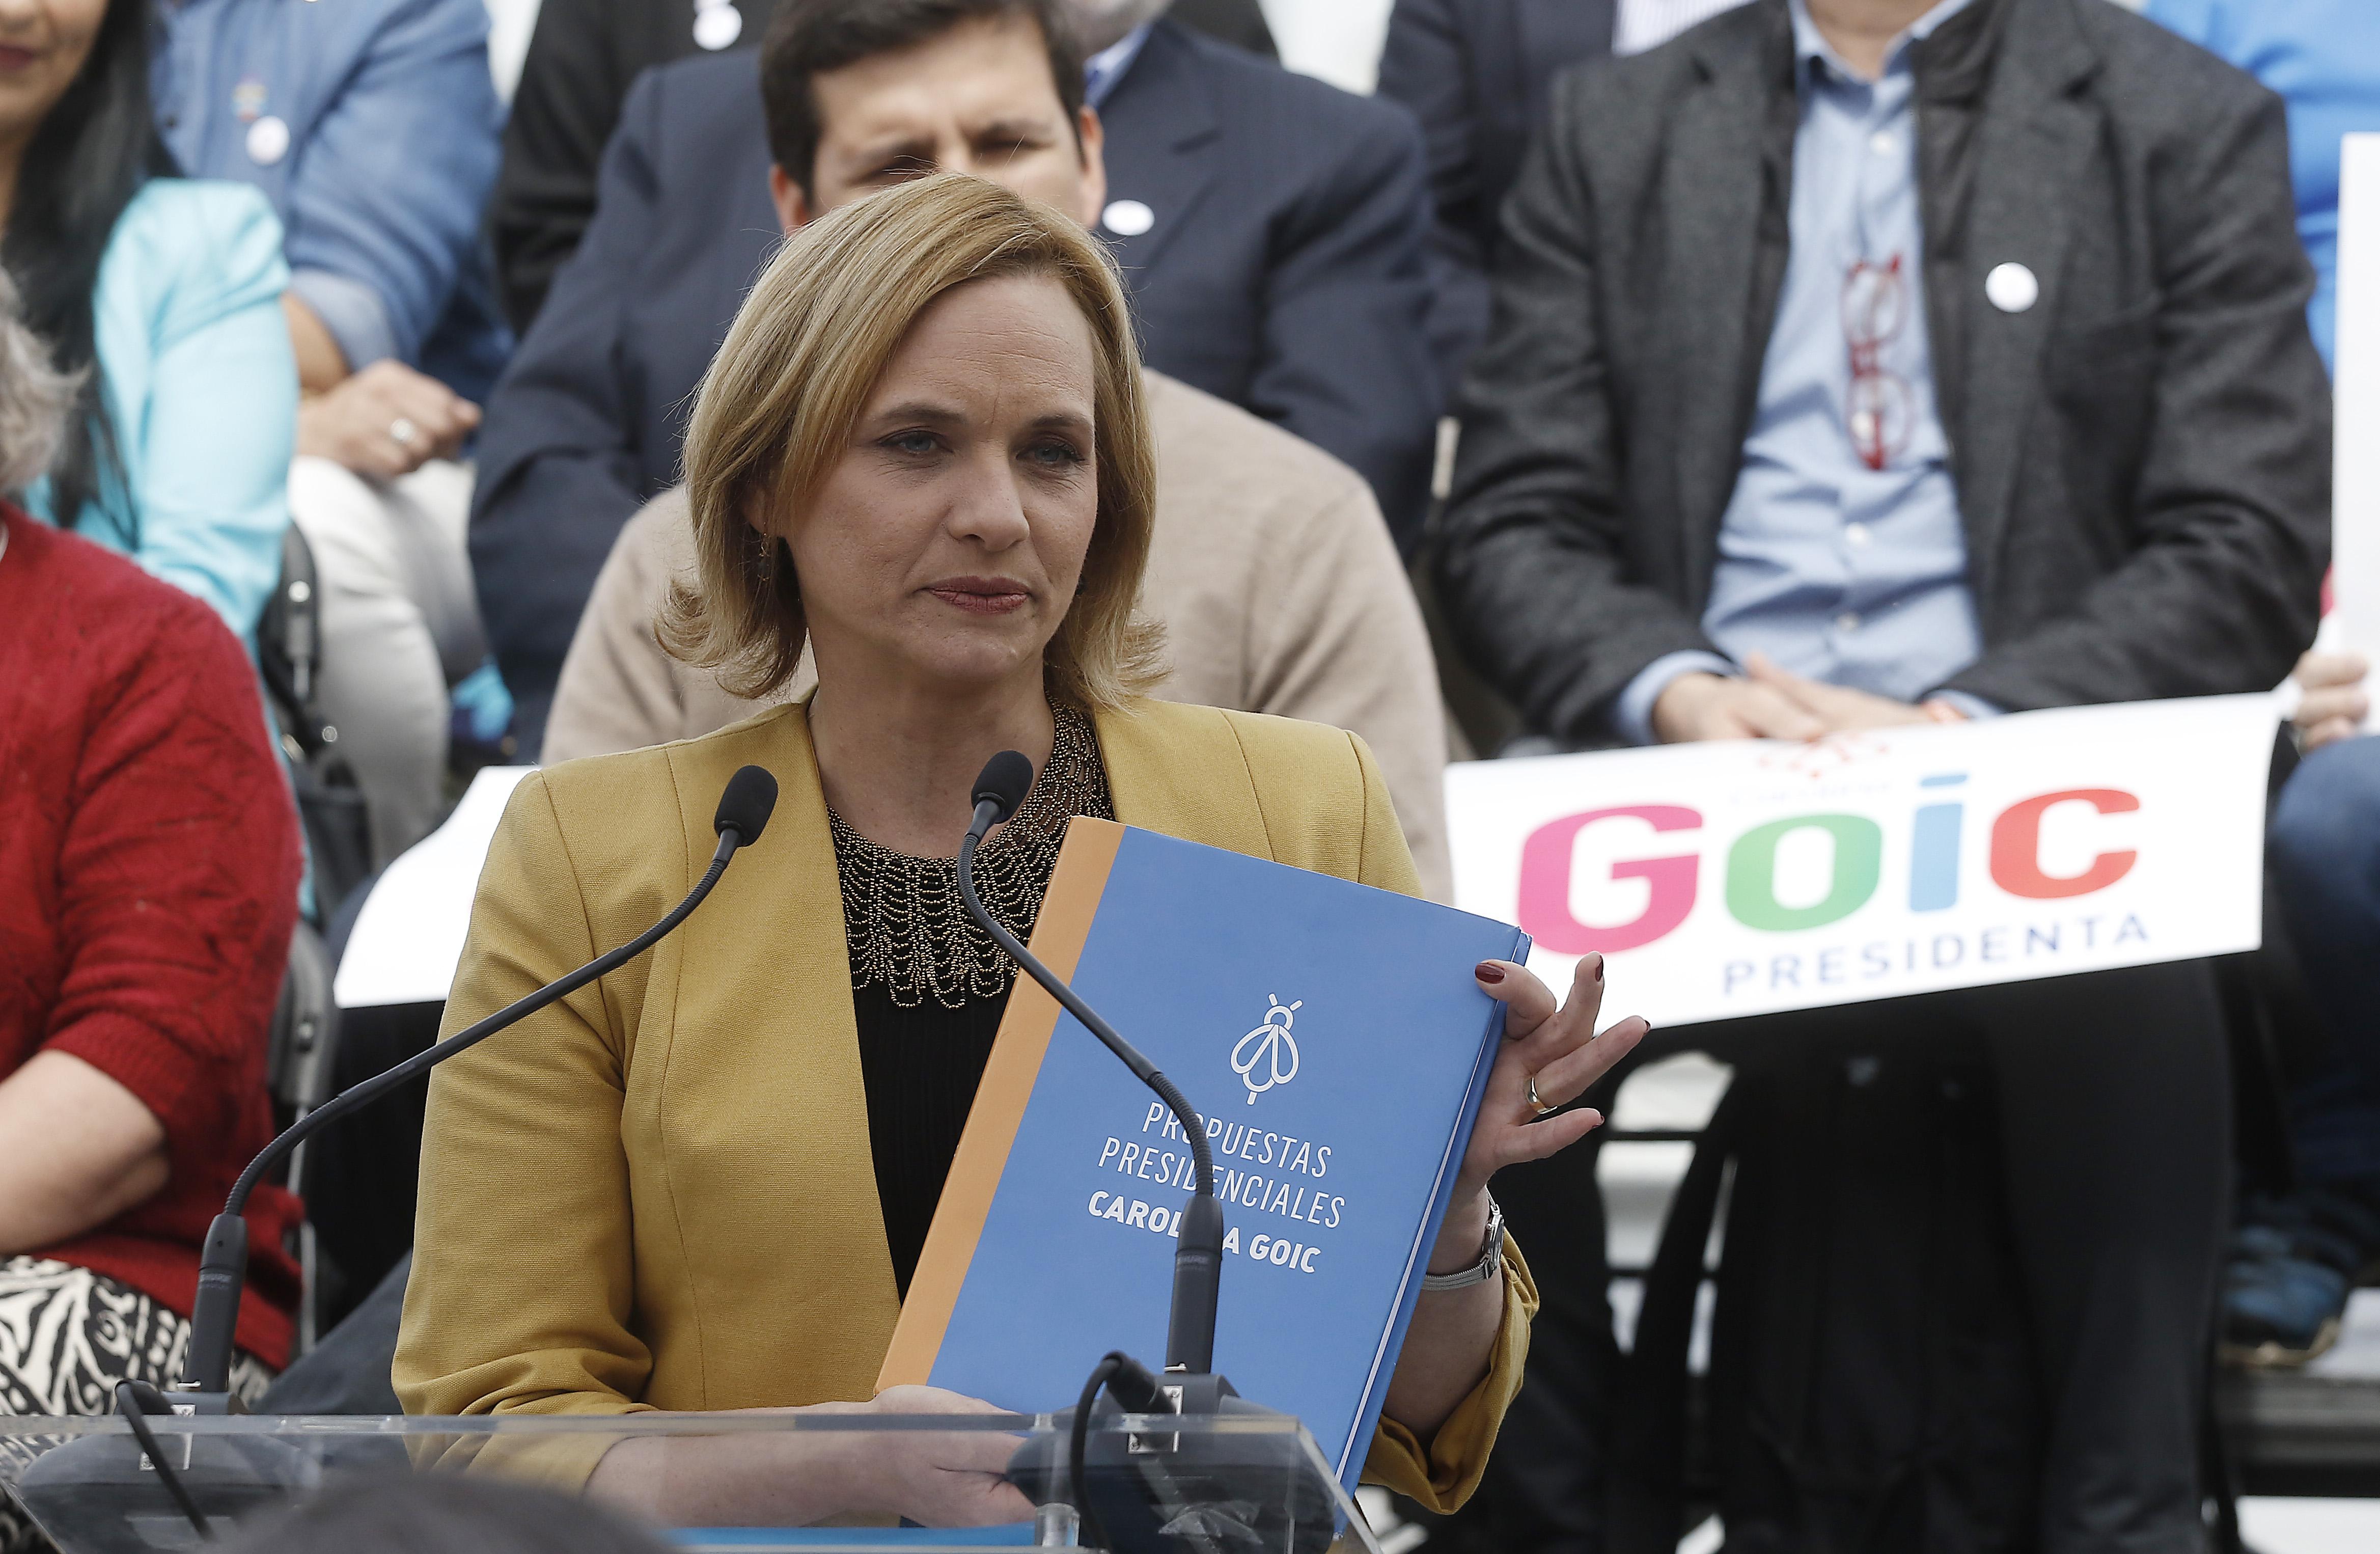 De educación gratuita técnica a un Ministerio de Seguridad Pública: los ejes del programa de Carolina Goic